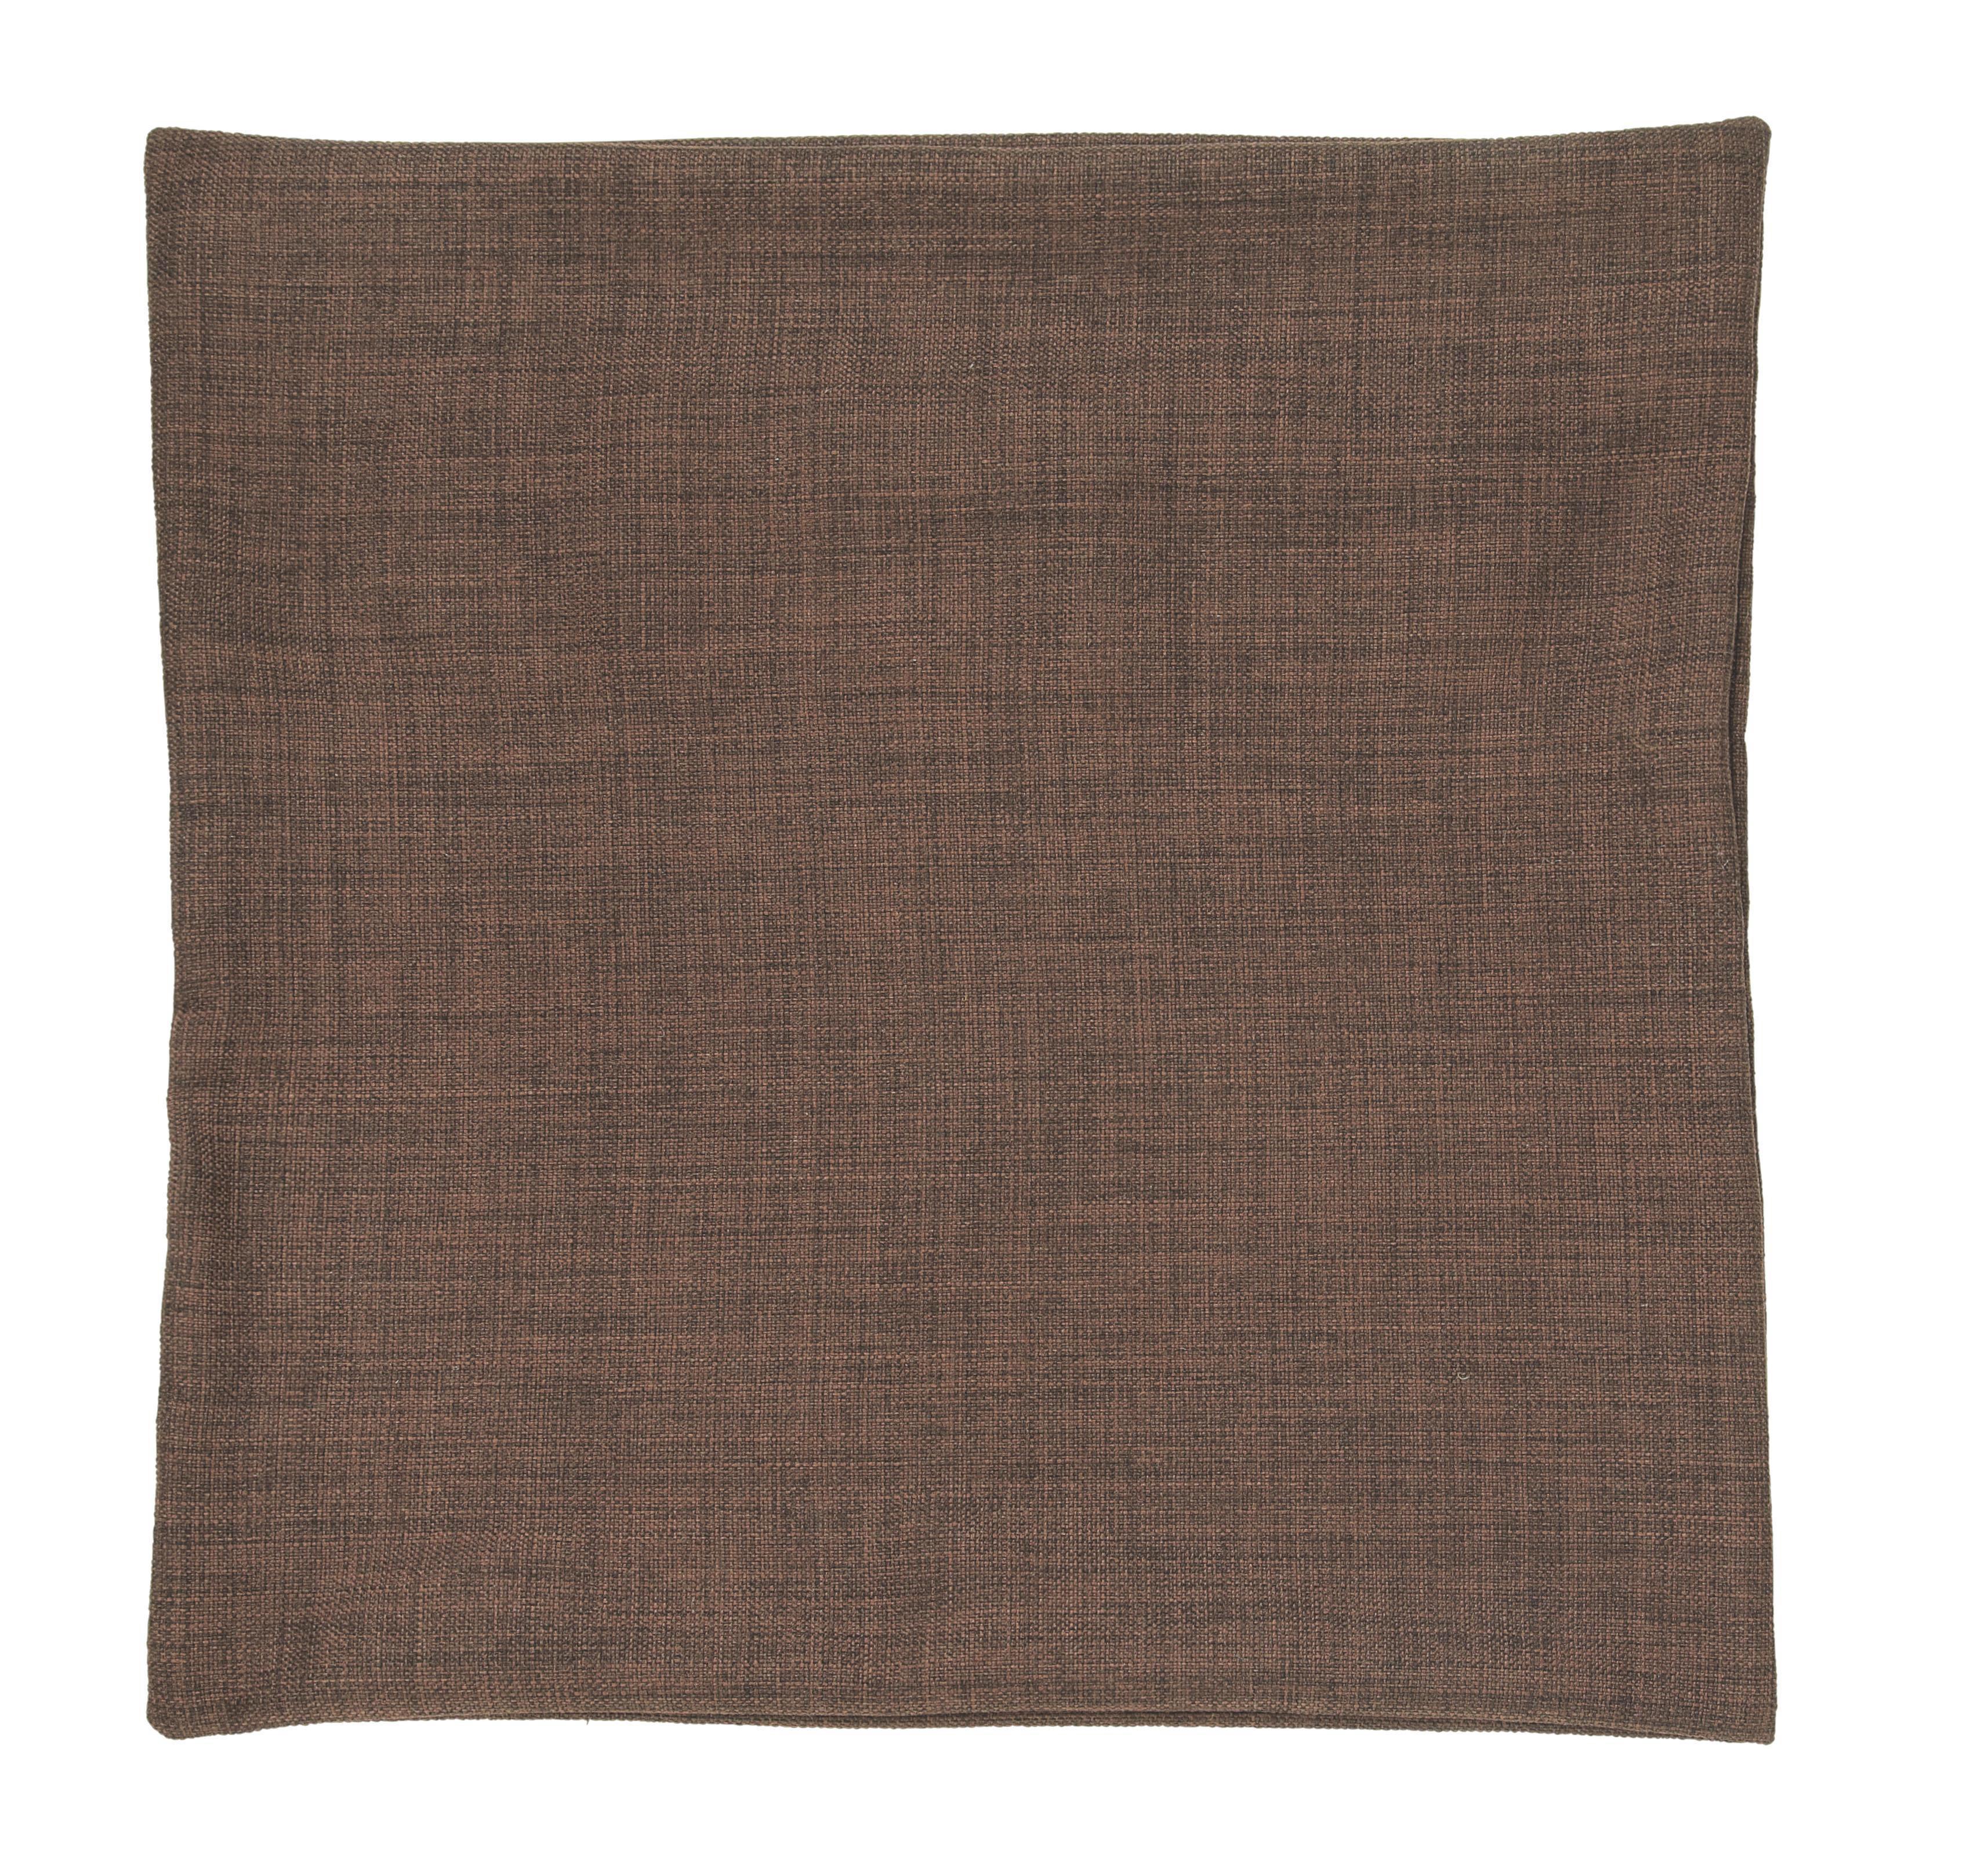 Povlak Na Polštář Vzhľad Ľanu - tmavě hnědá, textil (50/50cm) - PREMIUM LIVING